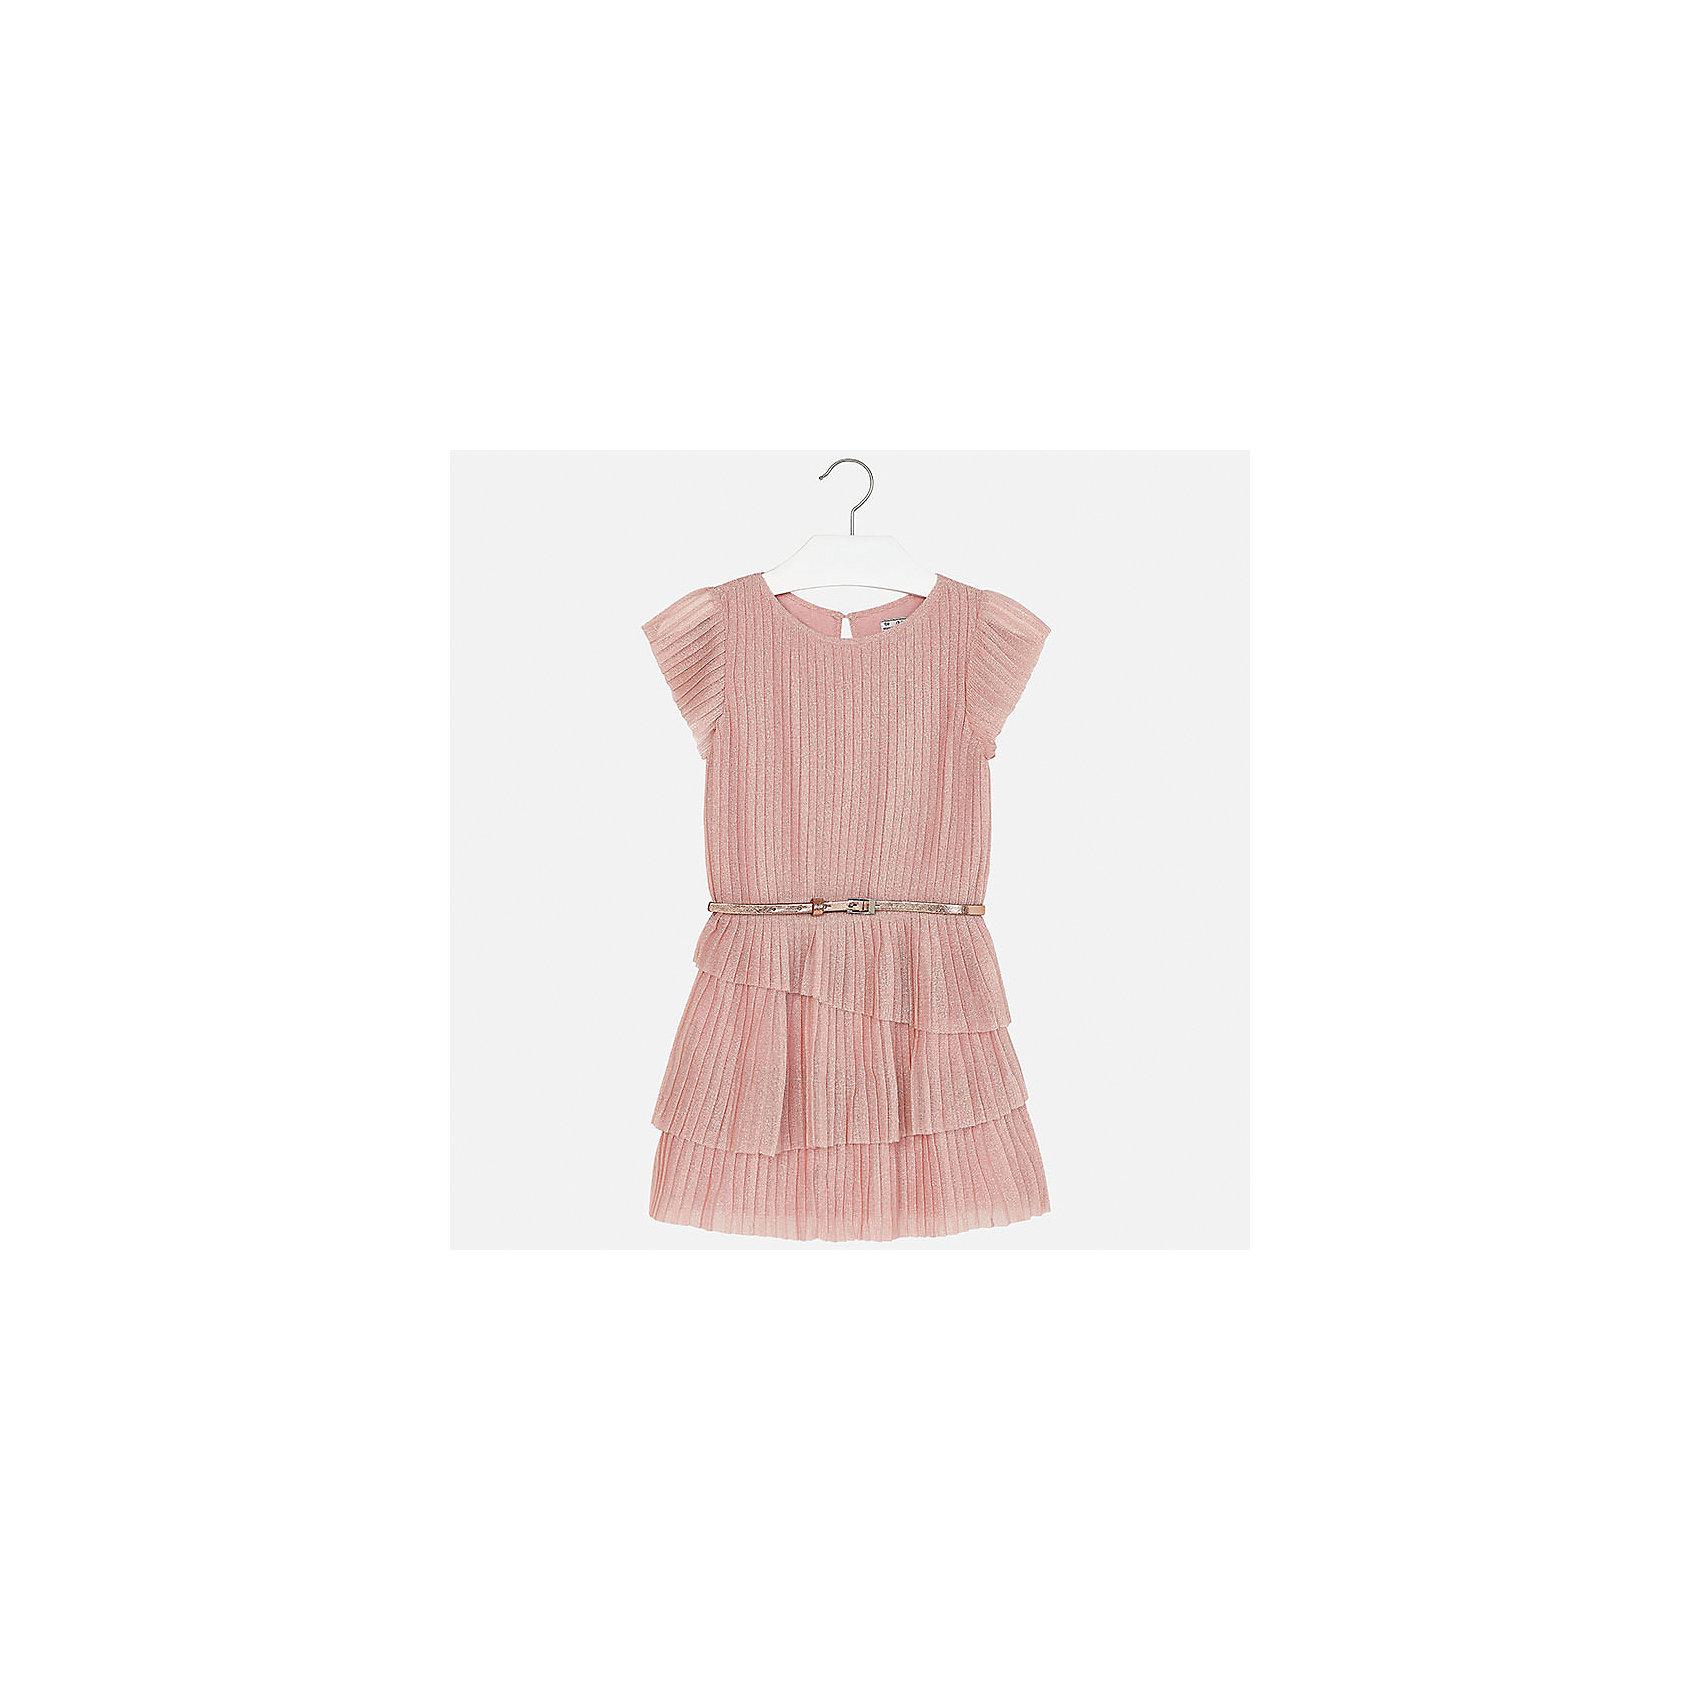 Платье для девочки MayoralОдежда<br>Характеристики товара:<br><br>• цвет: розовый<br>• состав: 90% полиамид, 10% металлическая нить, подкладка - 100% вискоза<br>• застежка: пуговица<br>• плиссированное<br>• ремень на талии<br>• короткие рукава<br>• с подкладкой<br>• страна бренда: Испания<br><br>Модное эффектное платье для девочки поможет разнообразить гардероб ребенка и создать эффектный наряд. Оно подойдет для различных случаев. Красивый оттенок позволяет подобрать к вещи обувь разных расцветок. Платье хорошо сидит по фигуре.<br><br>Одежда, обувь и аксессуары от испанского бренда Mayoral полюбились детям и взрослым по всему миру. Модели этой марки - стильные и удобные. Для их производства используются только безопасные, качественные материалы и фурнитура. Порадуйте ребенка модными и красивыми вещами от Mayoral! <br><br>Платье для девочки от испанского бренда Mayoral (Майорал) можно купить в нашем интернет-магазине.<br><br>Ширина мм: 236<br>Глубина мм: 16<br>Высота мм: 184<br>Вес г: 177<br>Цвет: розовый<br>Возраст от месяцев: 168<br>Возраст до месяцев: 180<br>Пол: Женский<br>Возраст: Детский<br>Размер: 170,128/134,140,152,158,164<br>SKU: 5293237